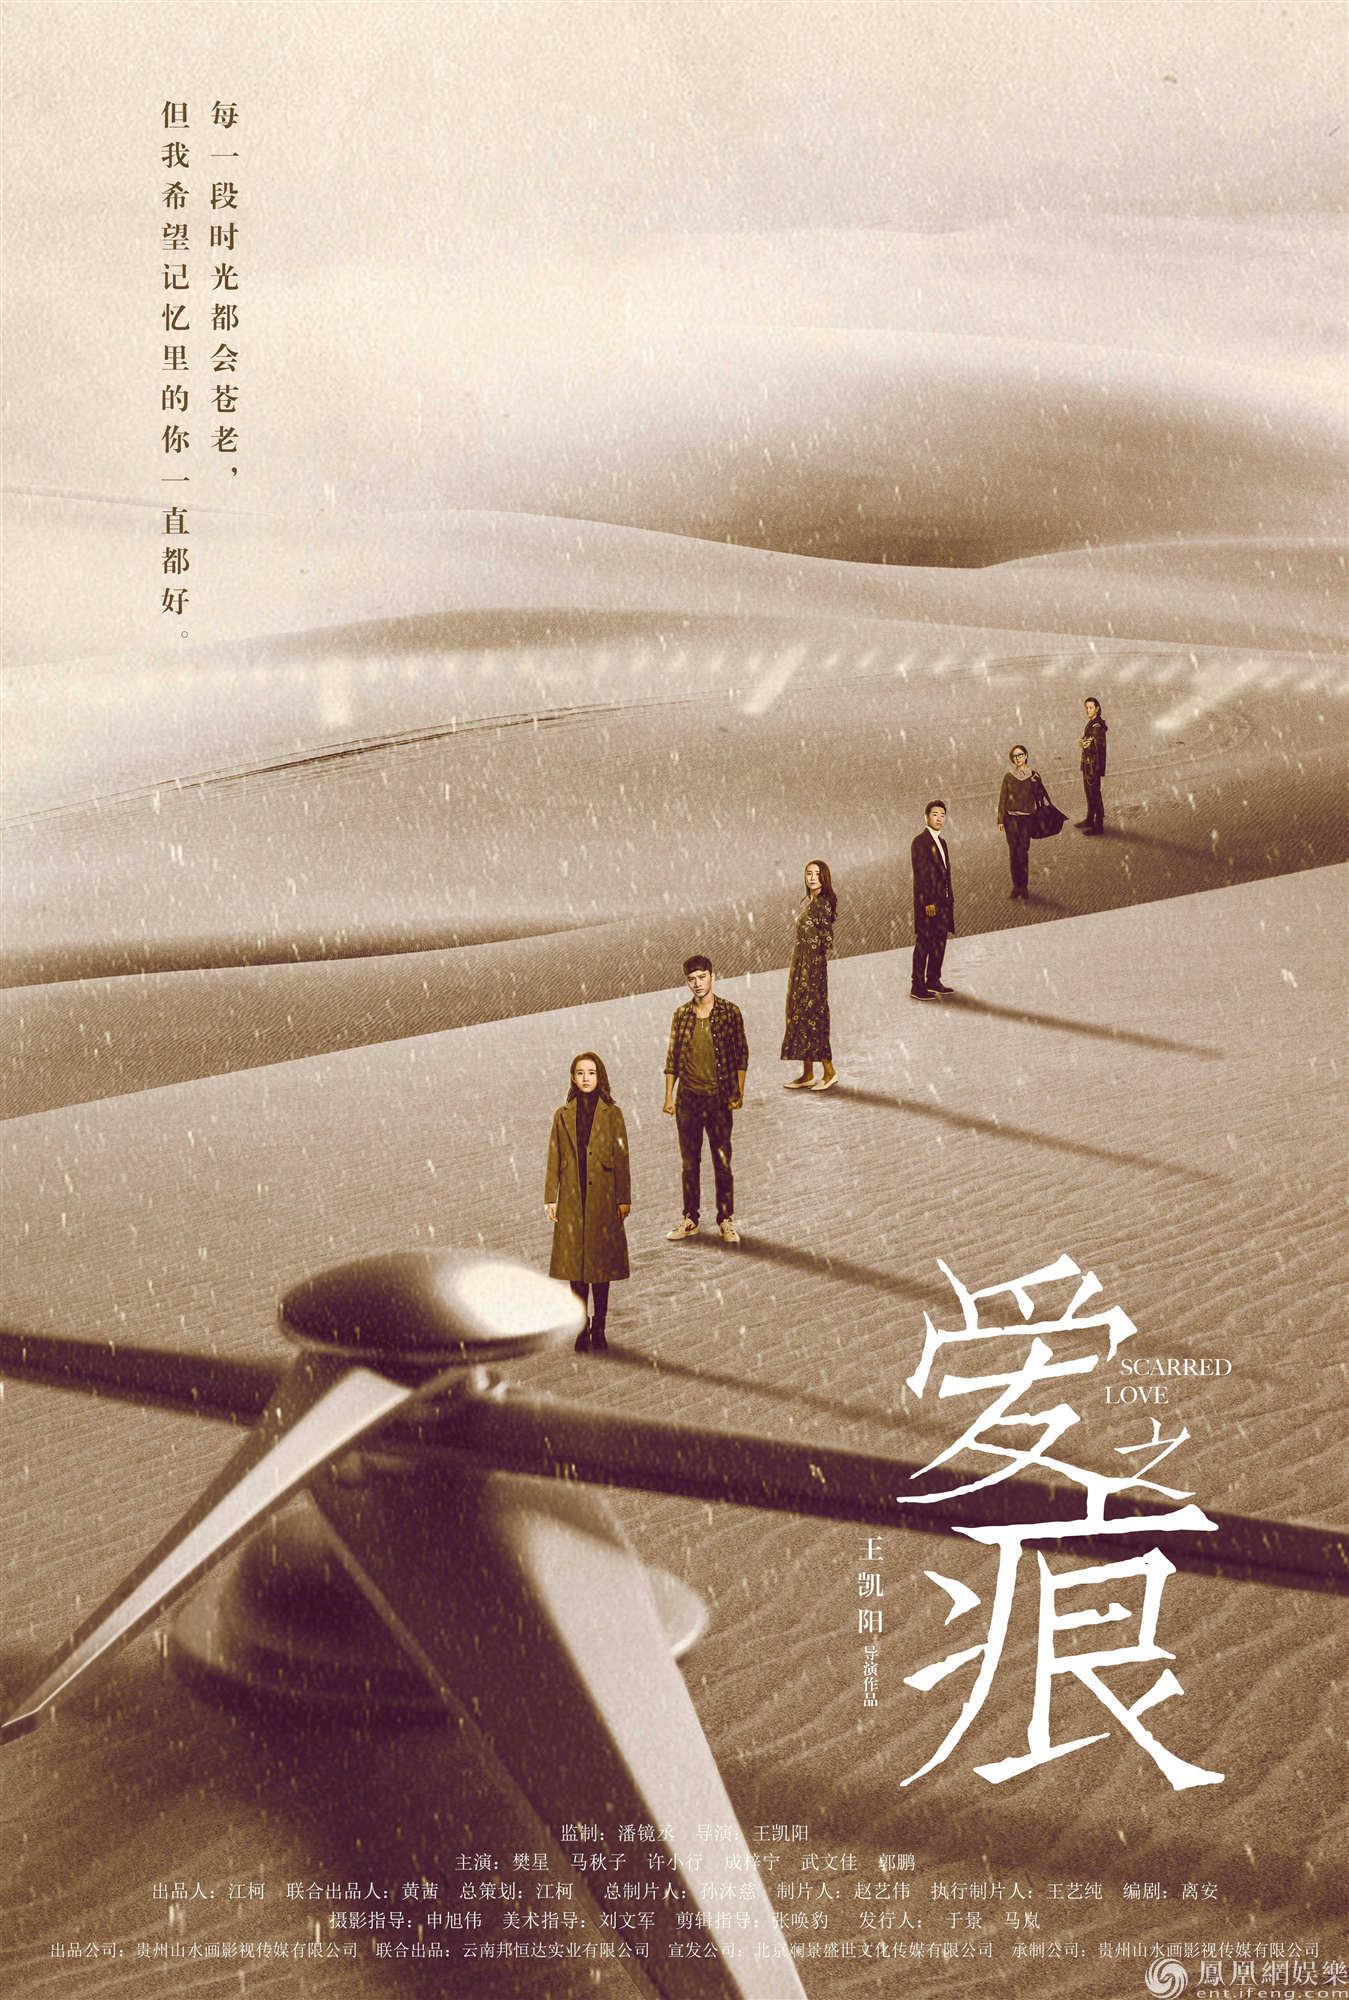 《爱·之痕》首登金鸡百花 海报曝光引关注